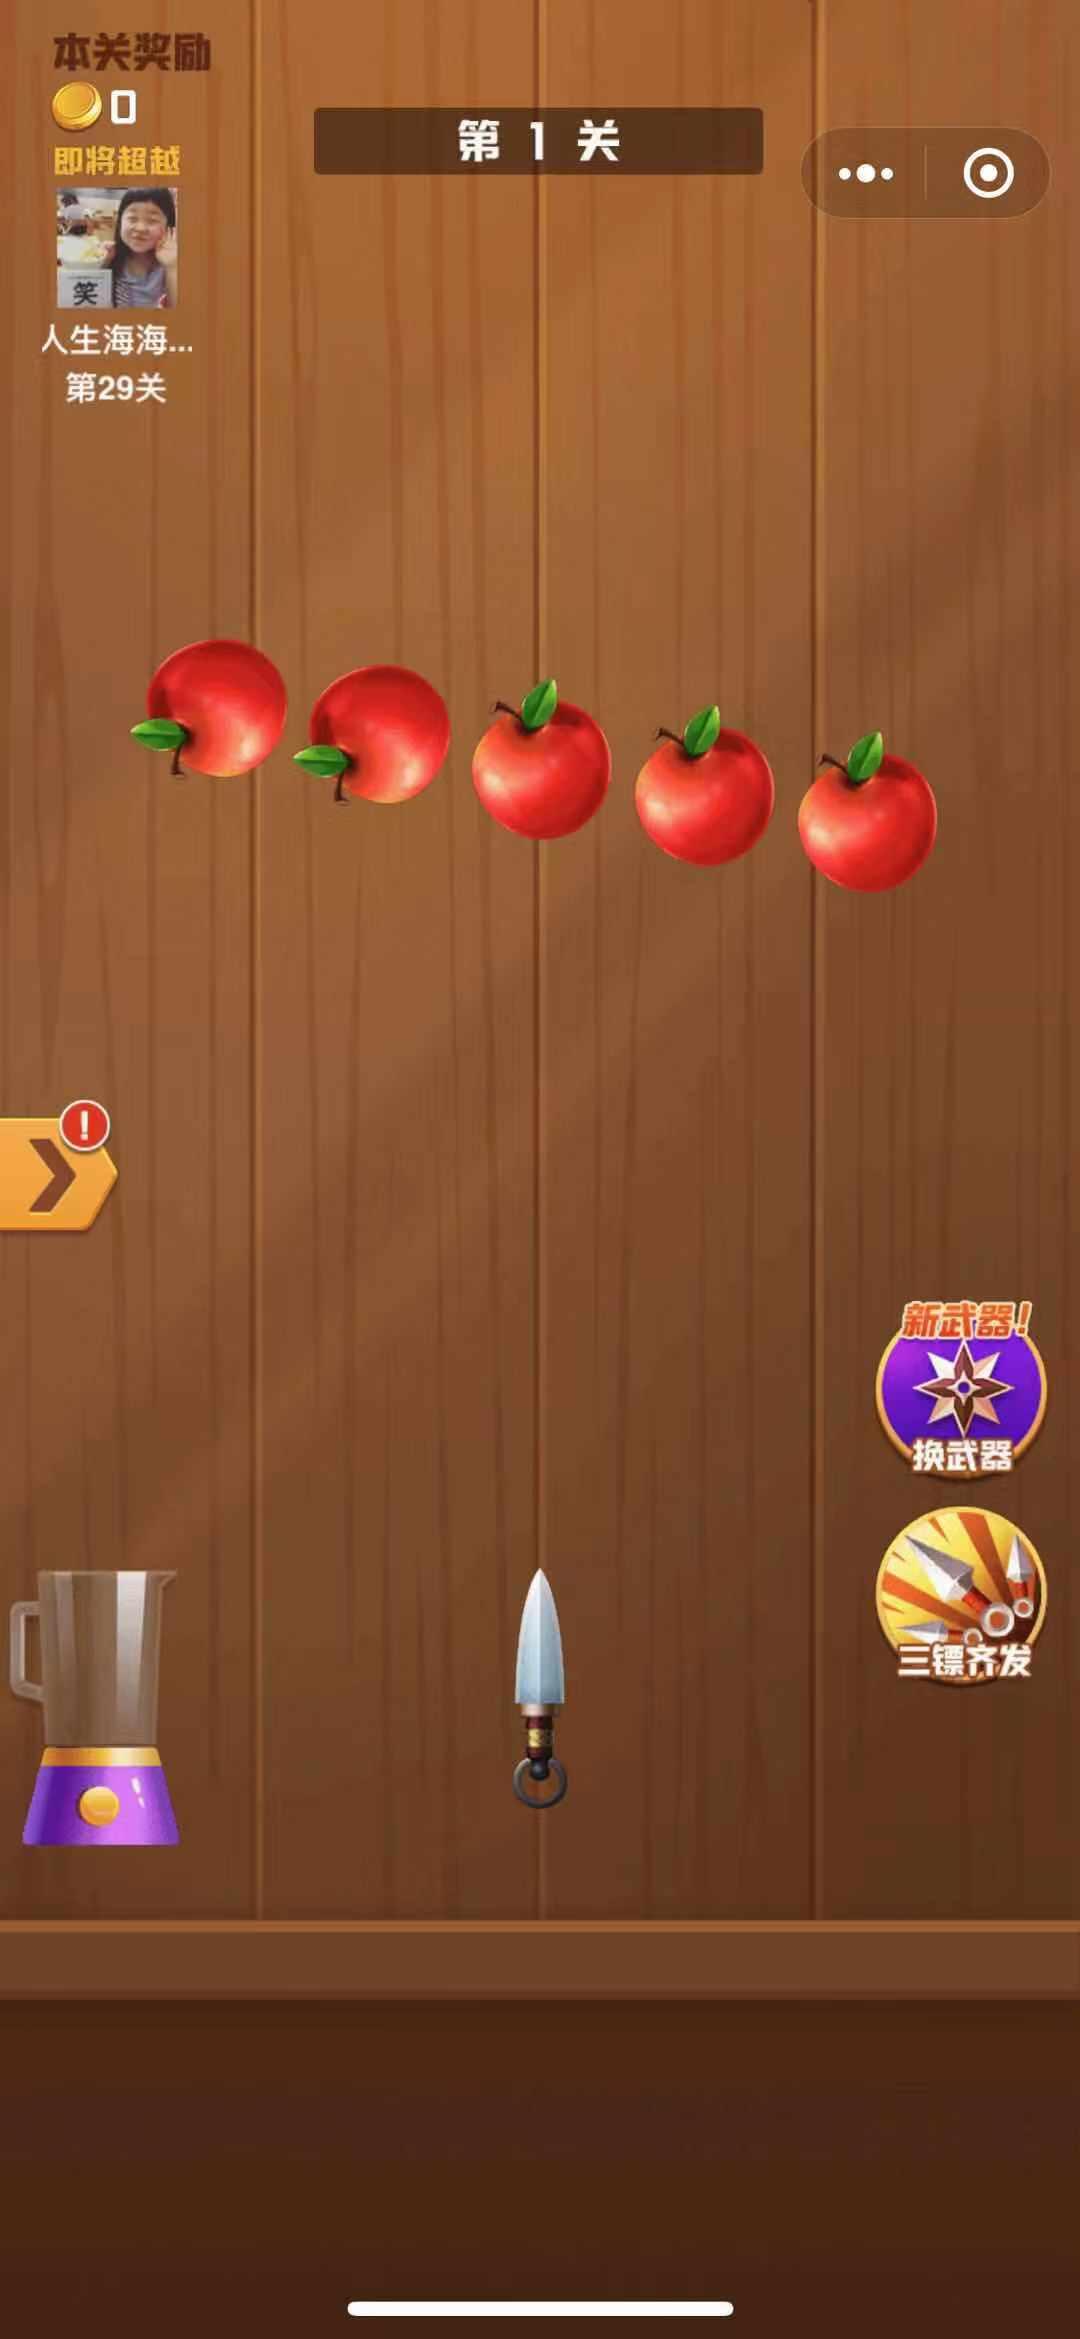 王牌切水果红包版图1